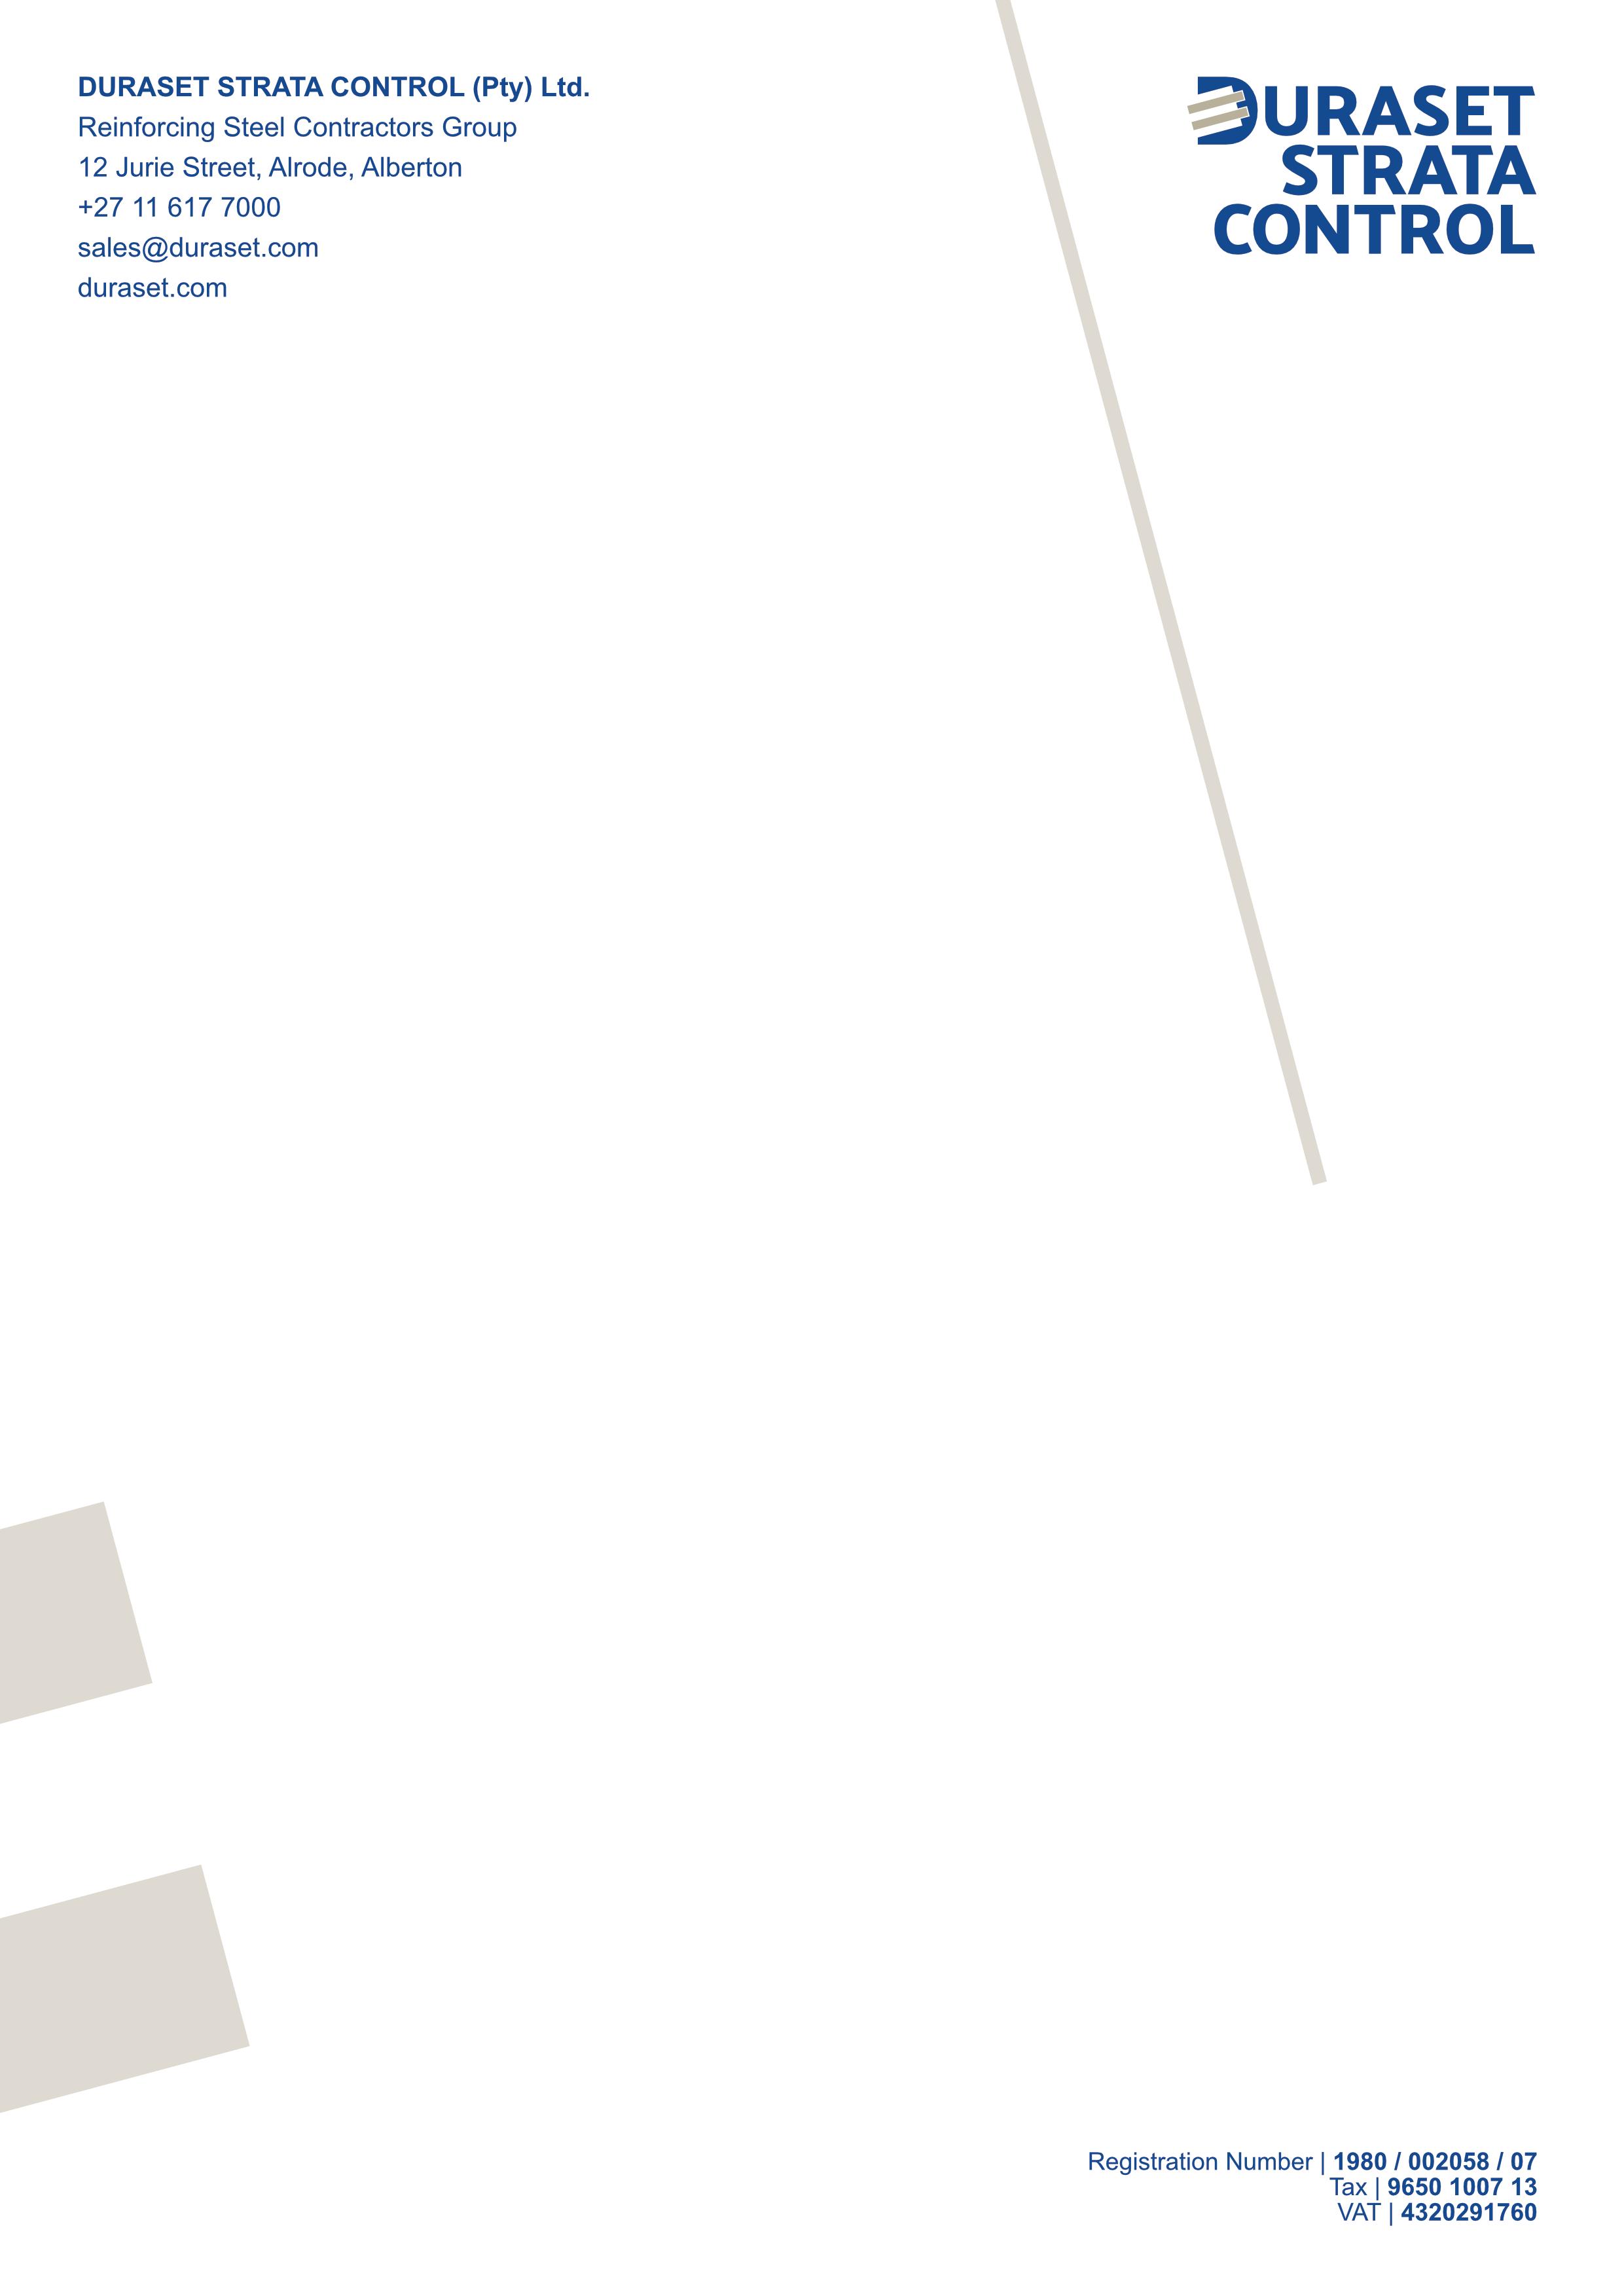 Duraset Strata Control – Letterhead – A4